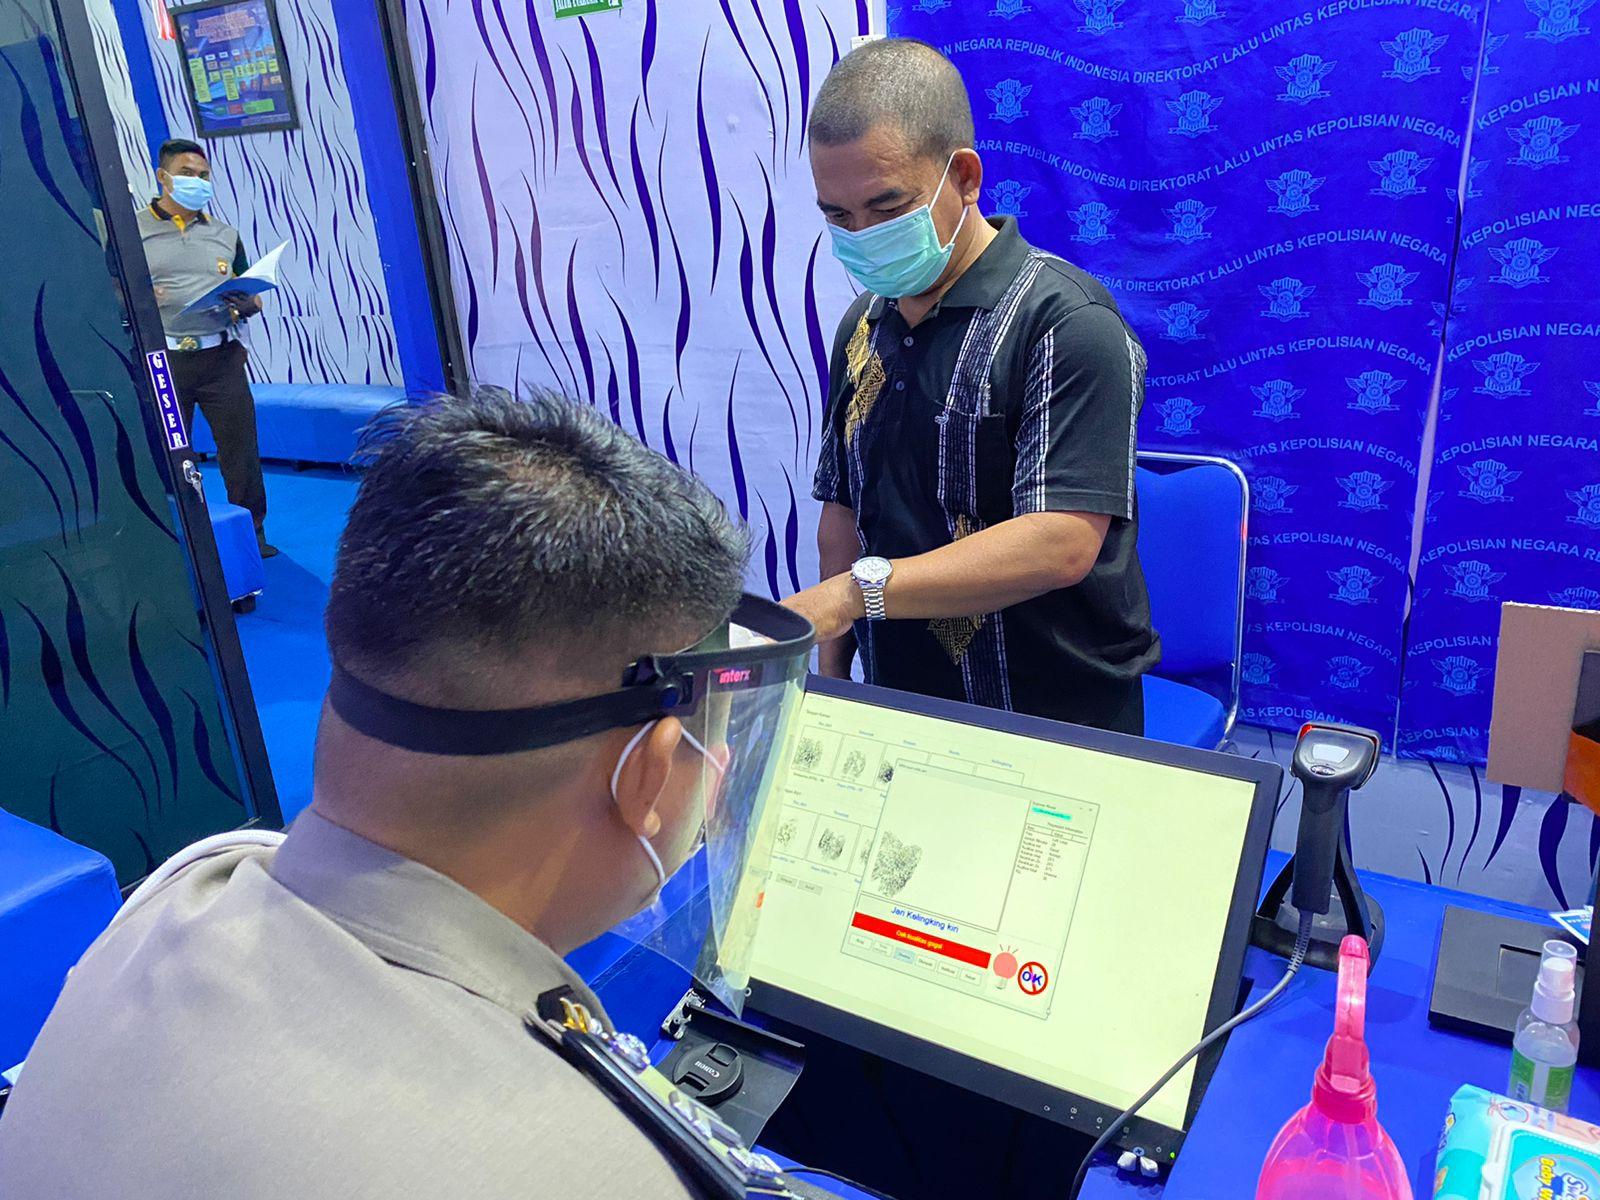 Proses Identifikasi SIM Guna Melengkapi Data Forensik Kepolisian